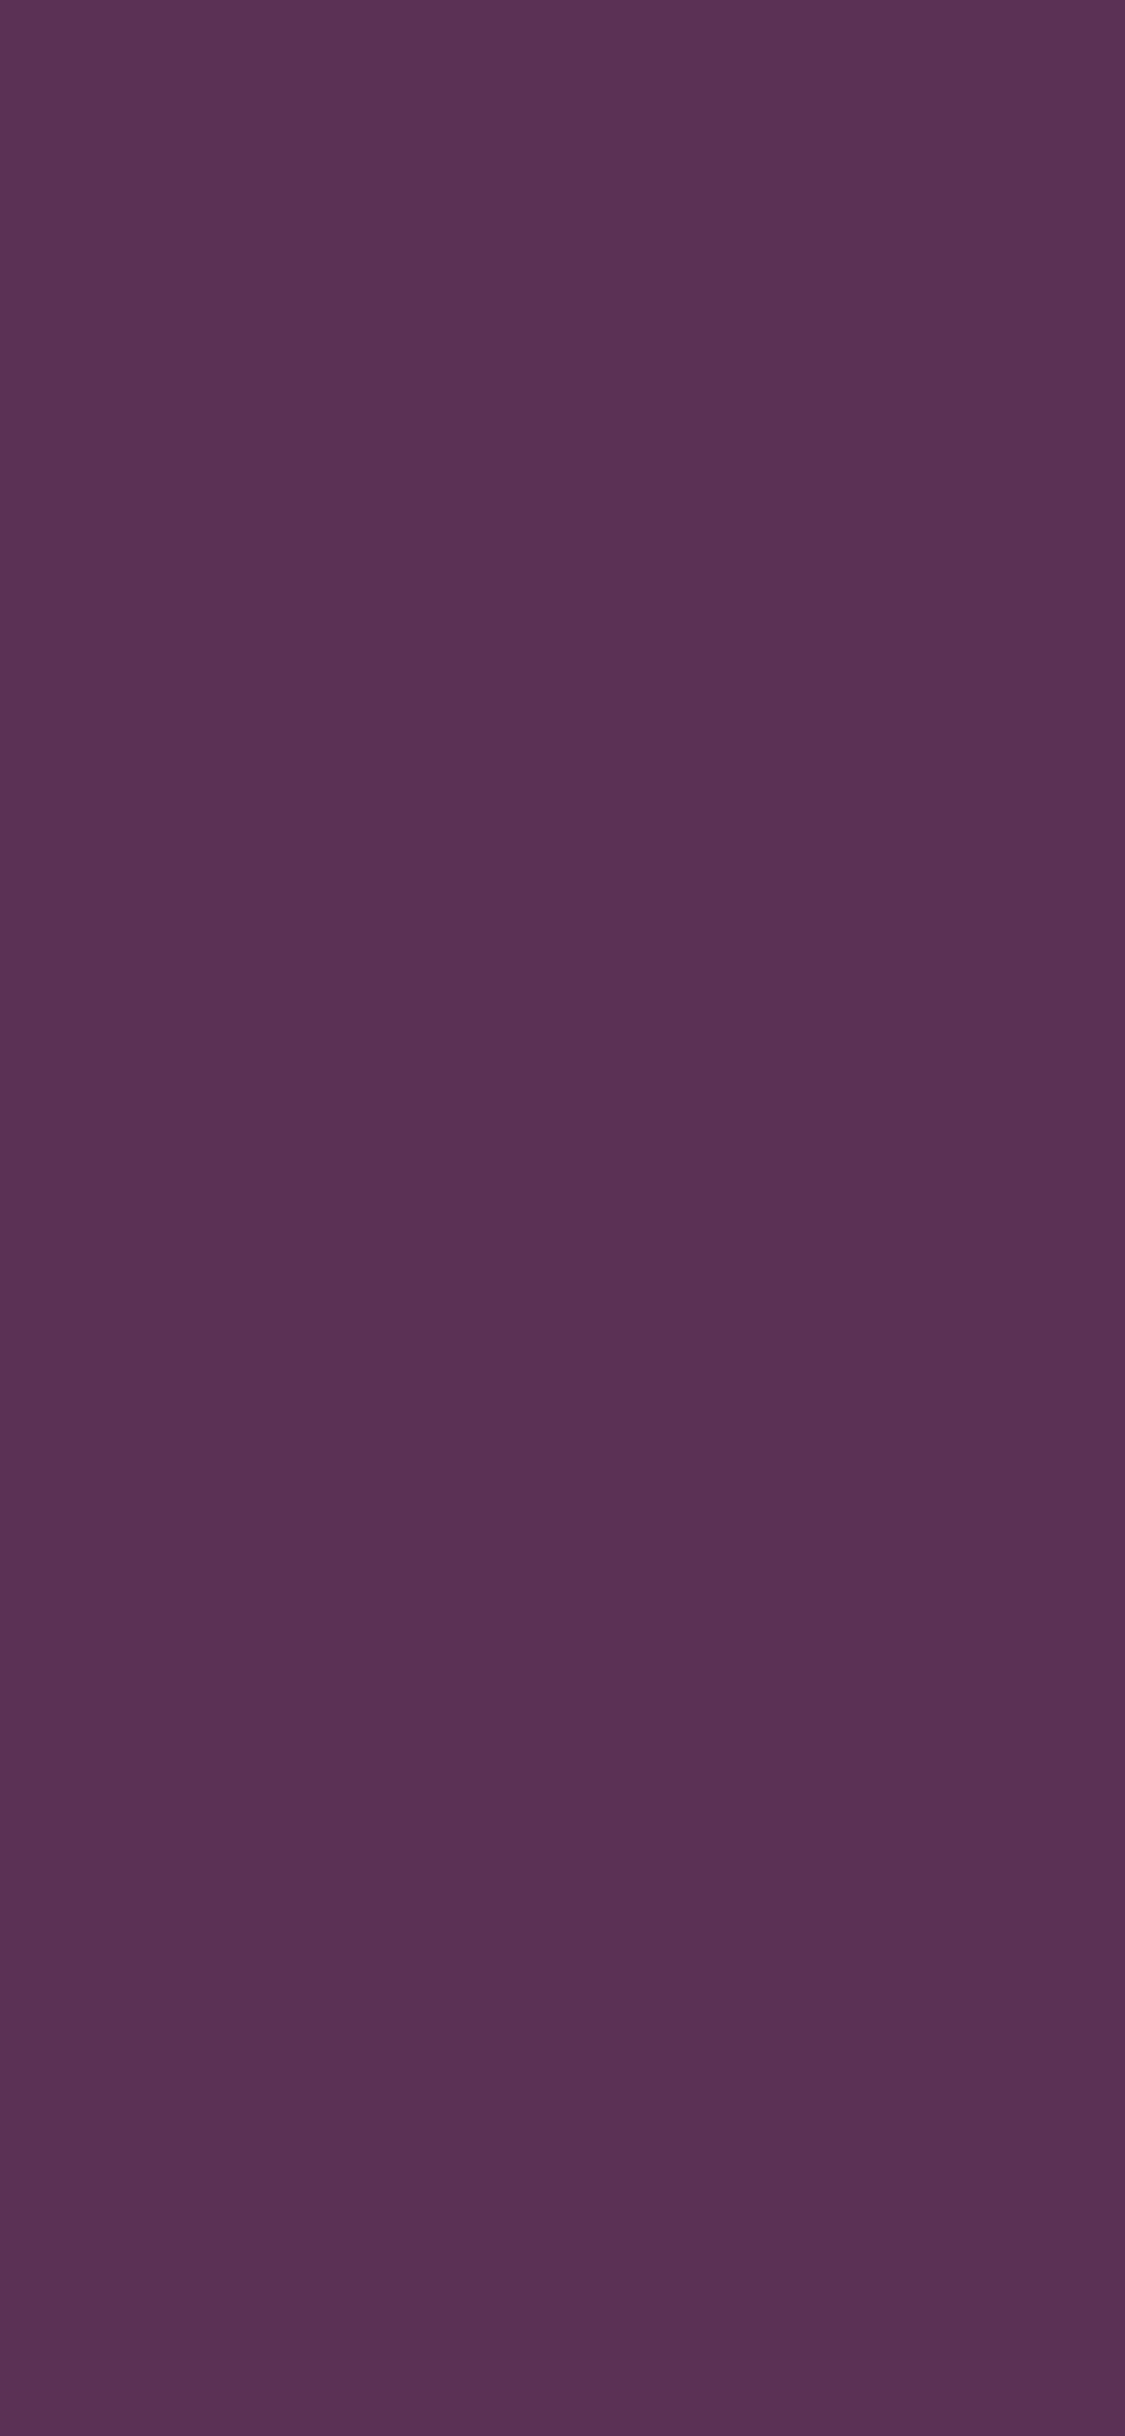 1125x2436 Japanese Violet Solid Color Background